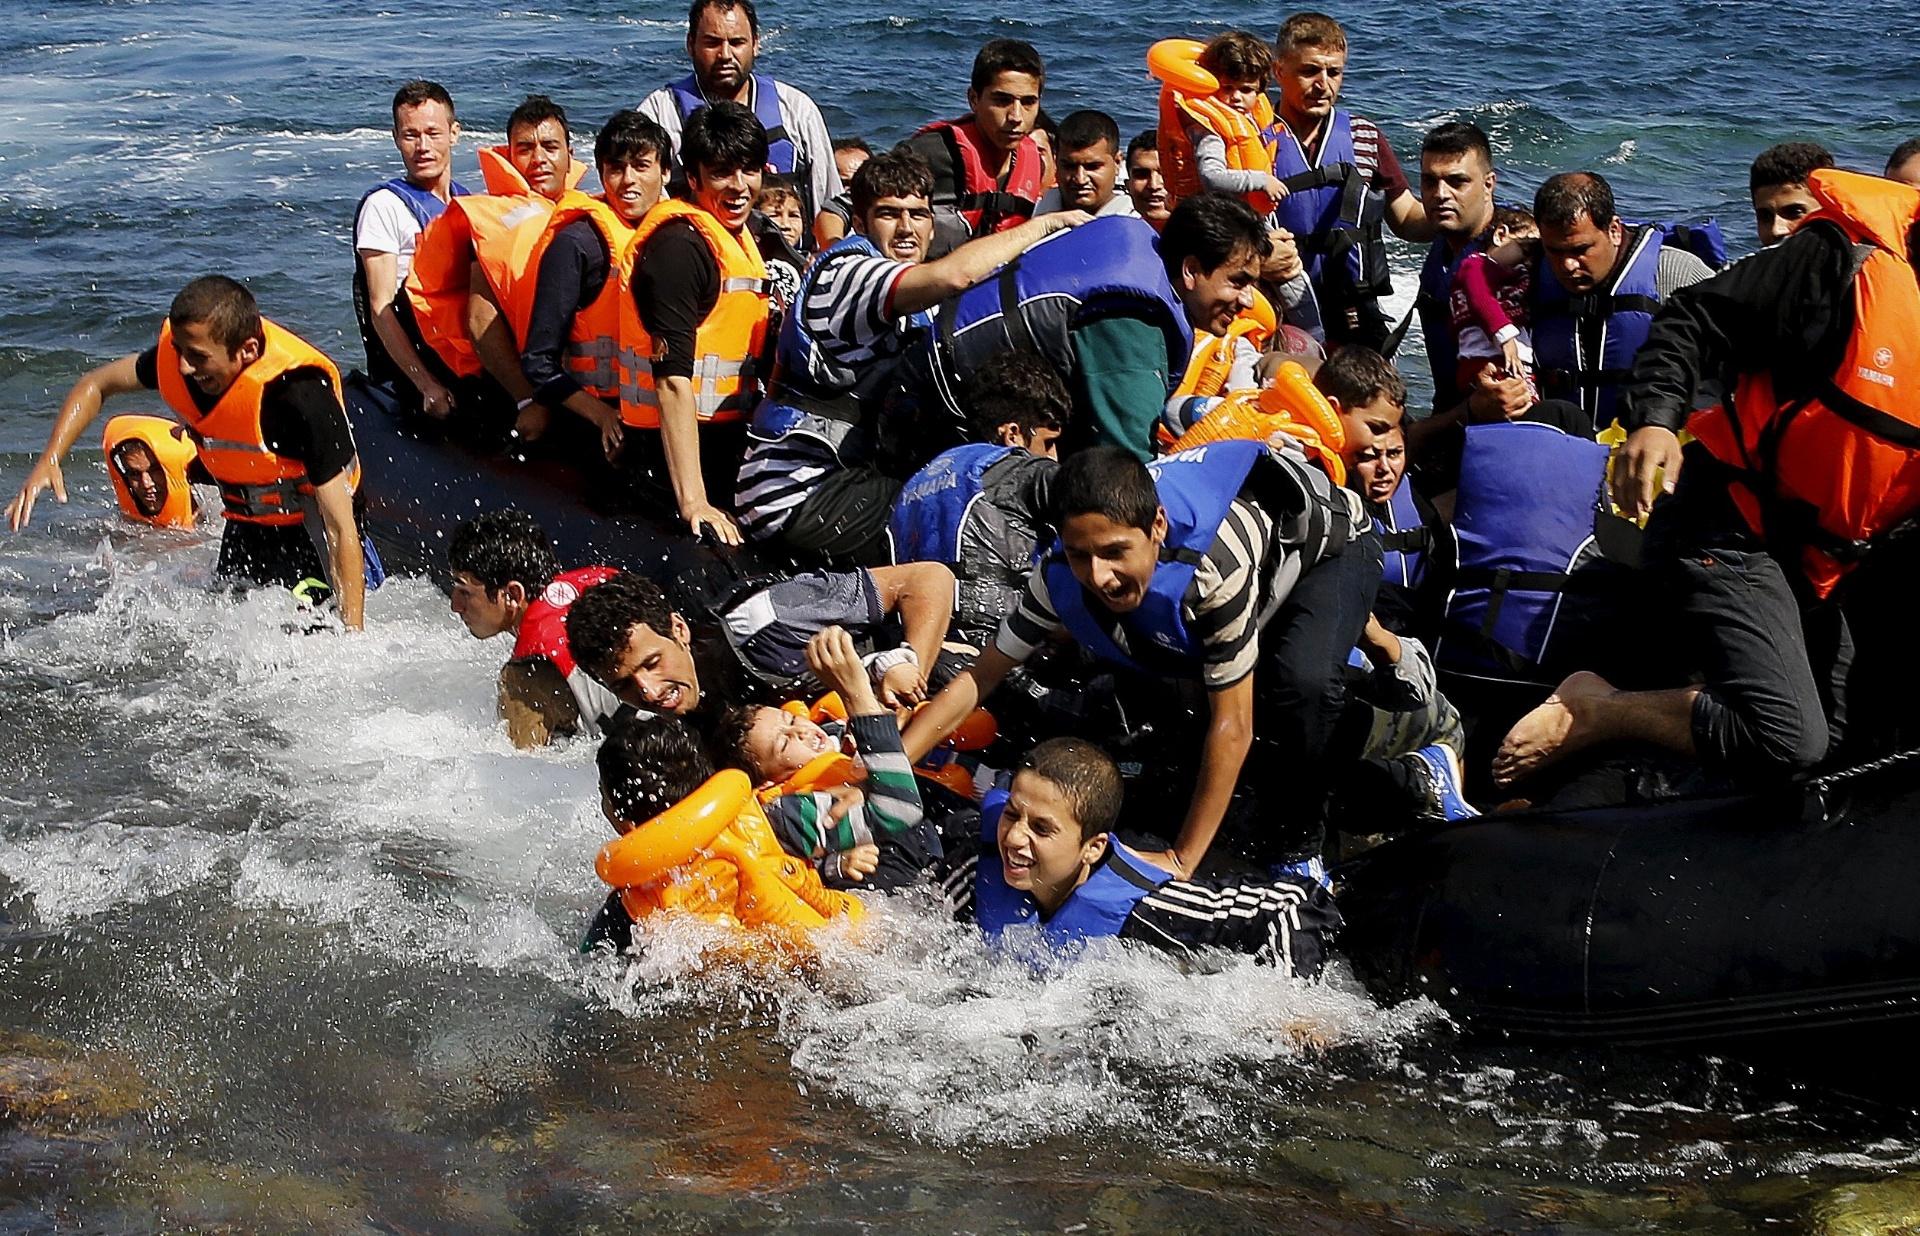 25.set.2015 - Refugiados sírios descem de bote na ilha de Lesbo, Grécia, após cruzarem o mar Egeu desde a Turquia